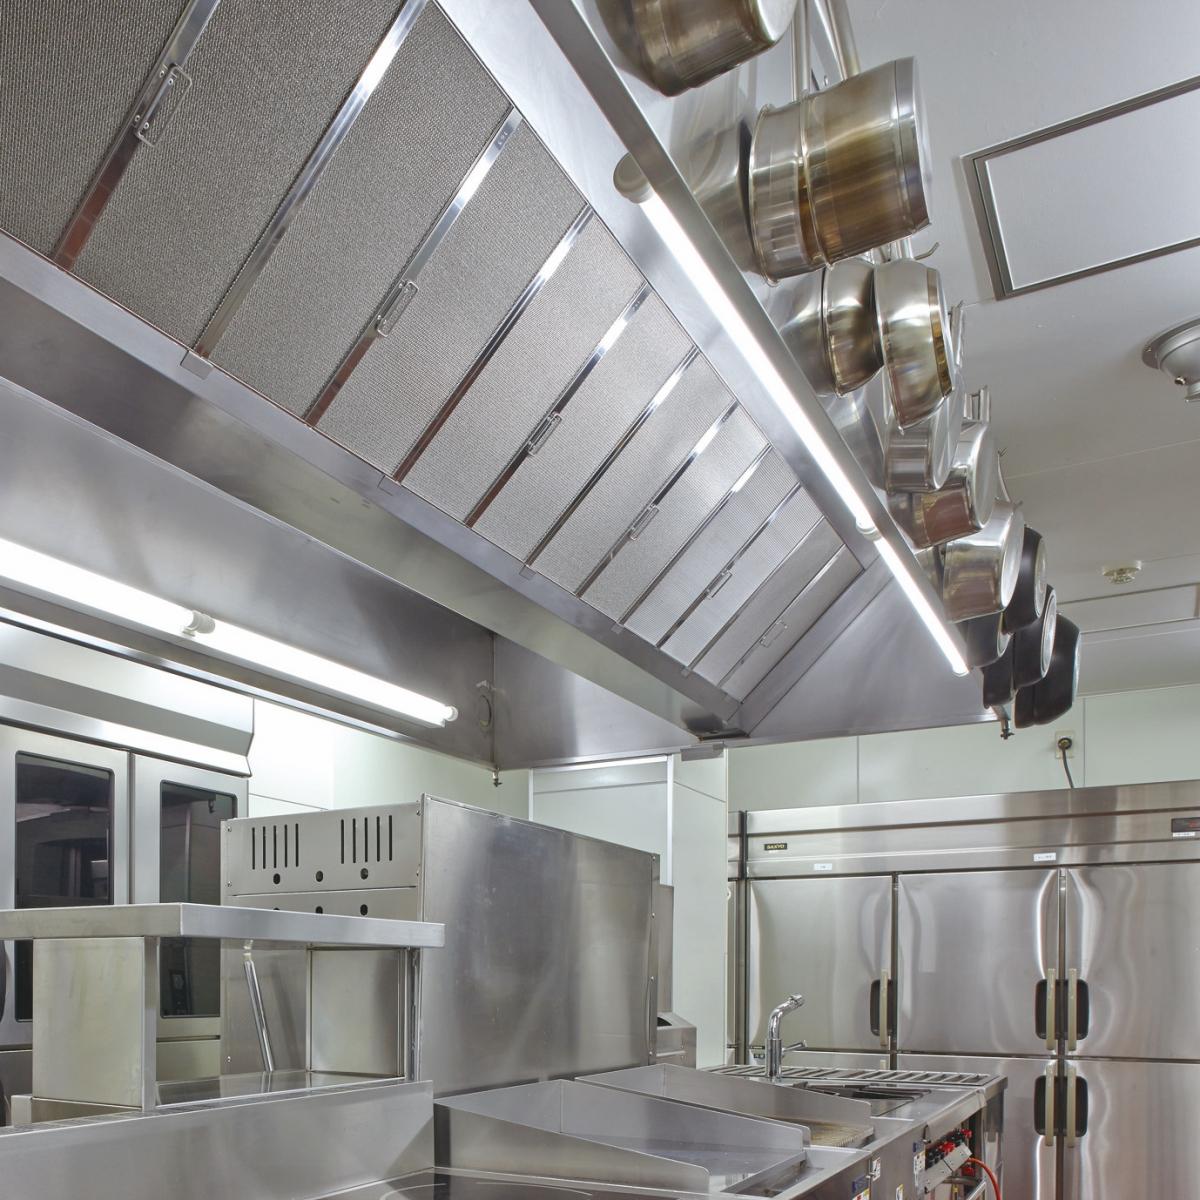 厨房クリーニング